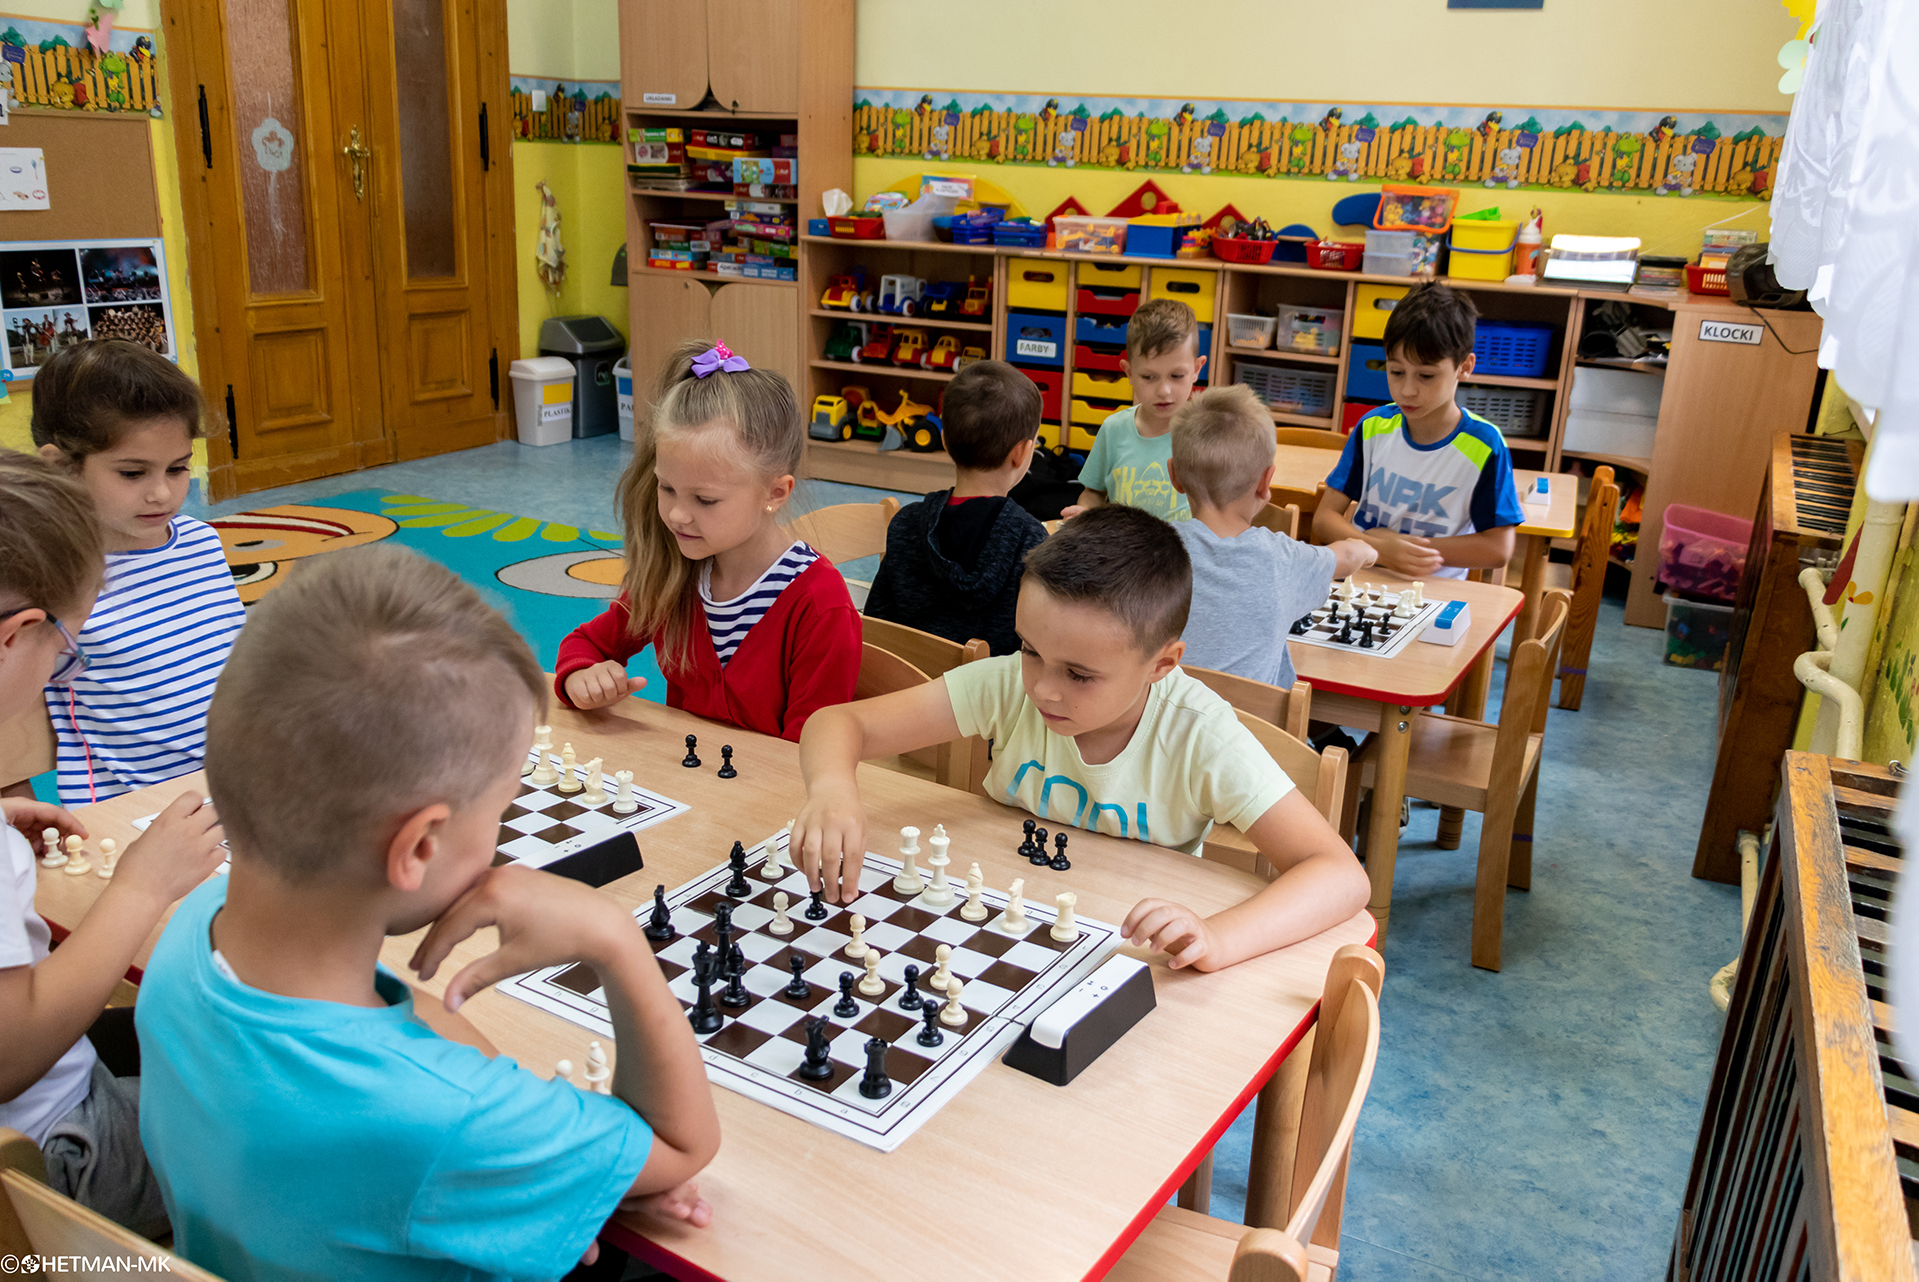 V Turniej Szachowy o Mistrzostwo Przedszkola Miejskiego Nr 1, Świdnica, 13.06.2018